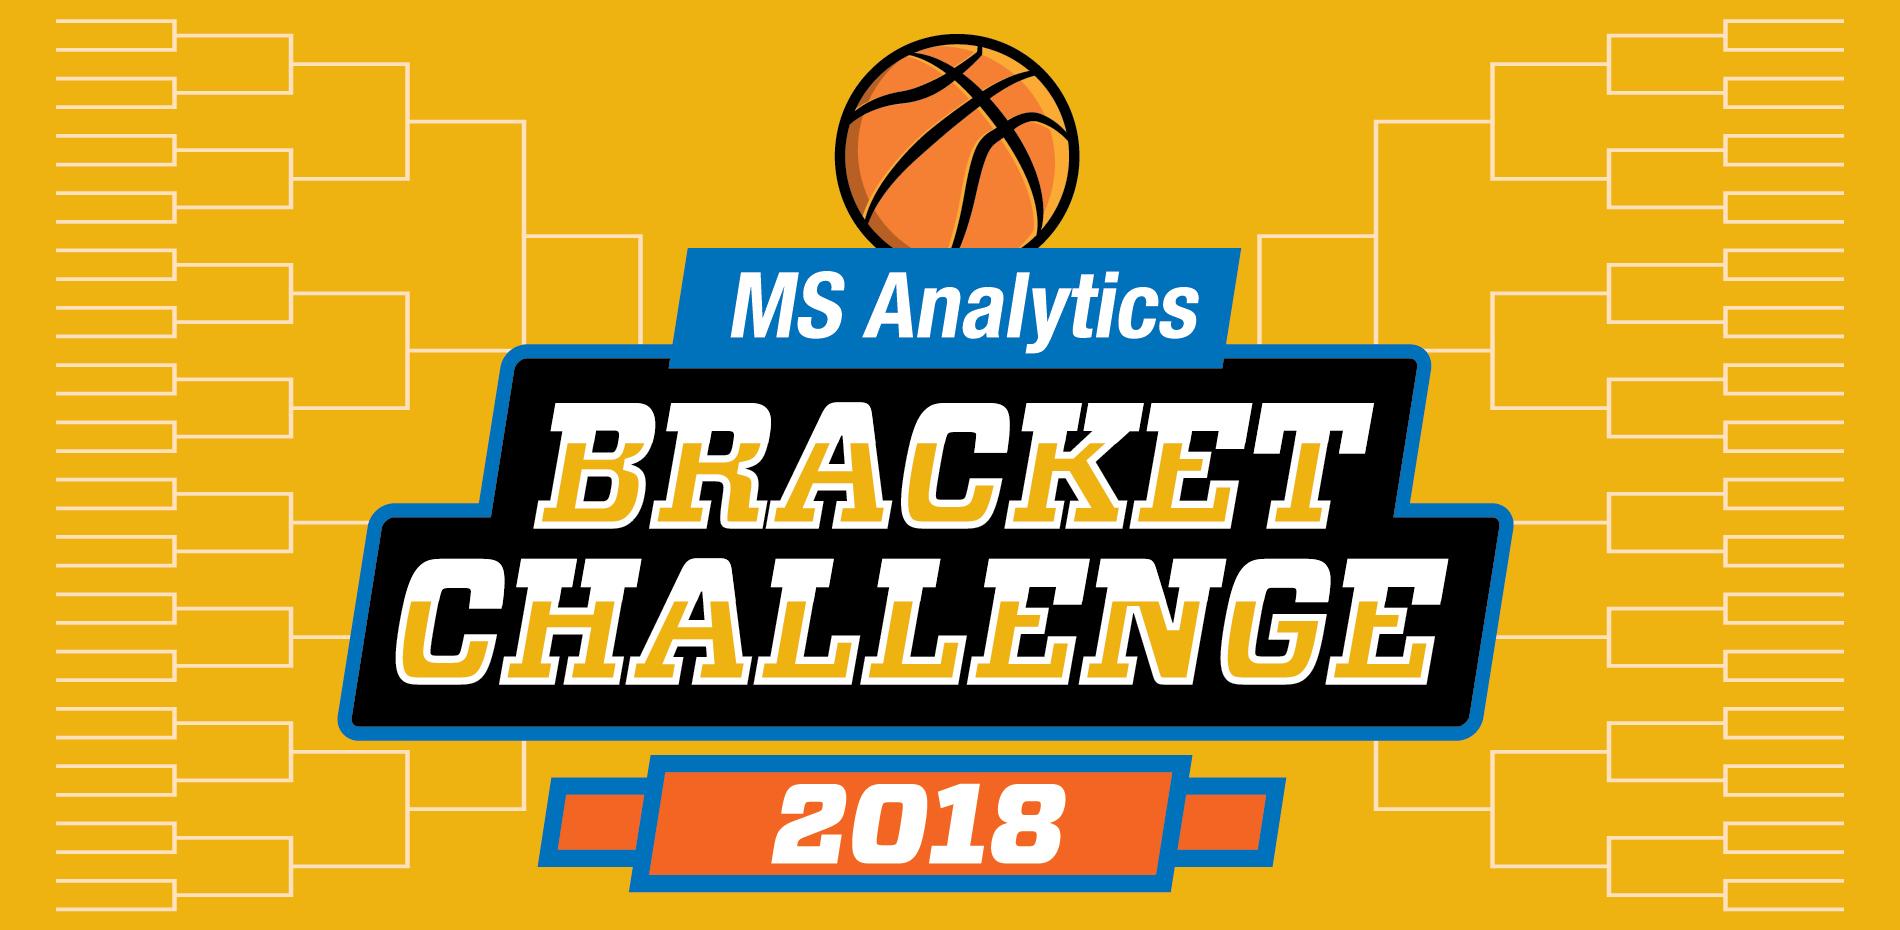 Master's in Analytics bracket challenge logo